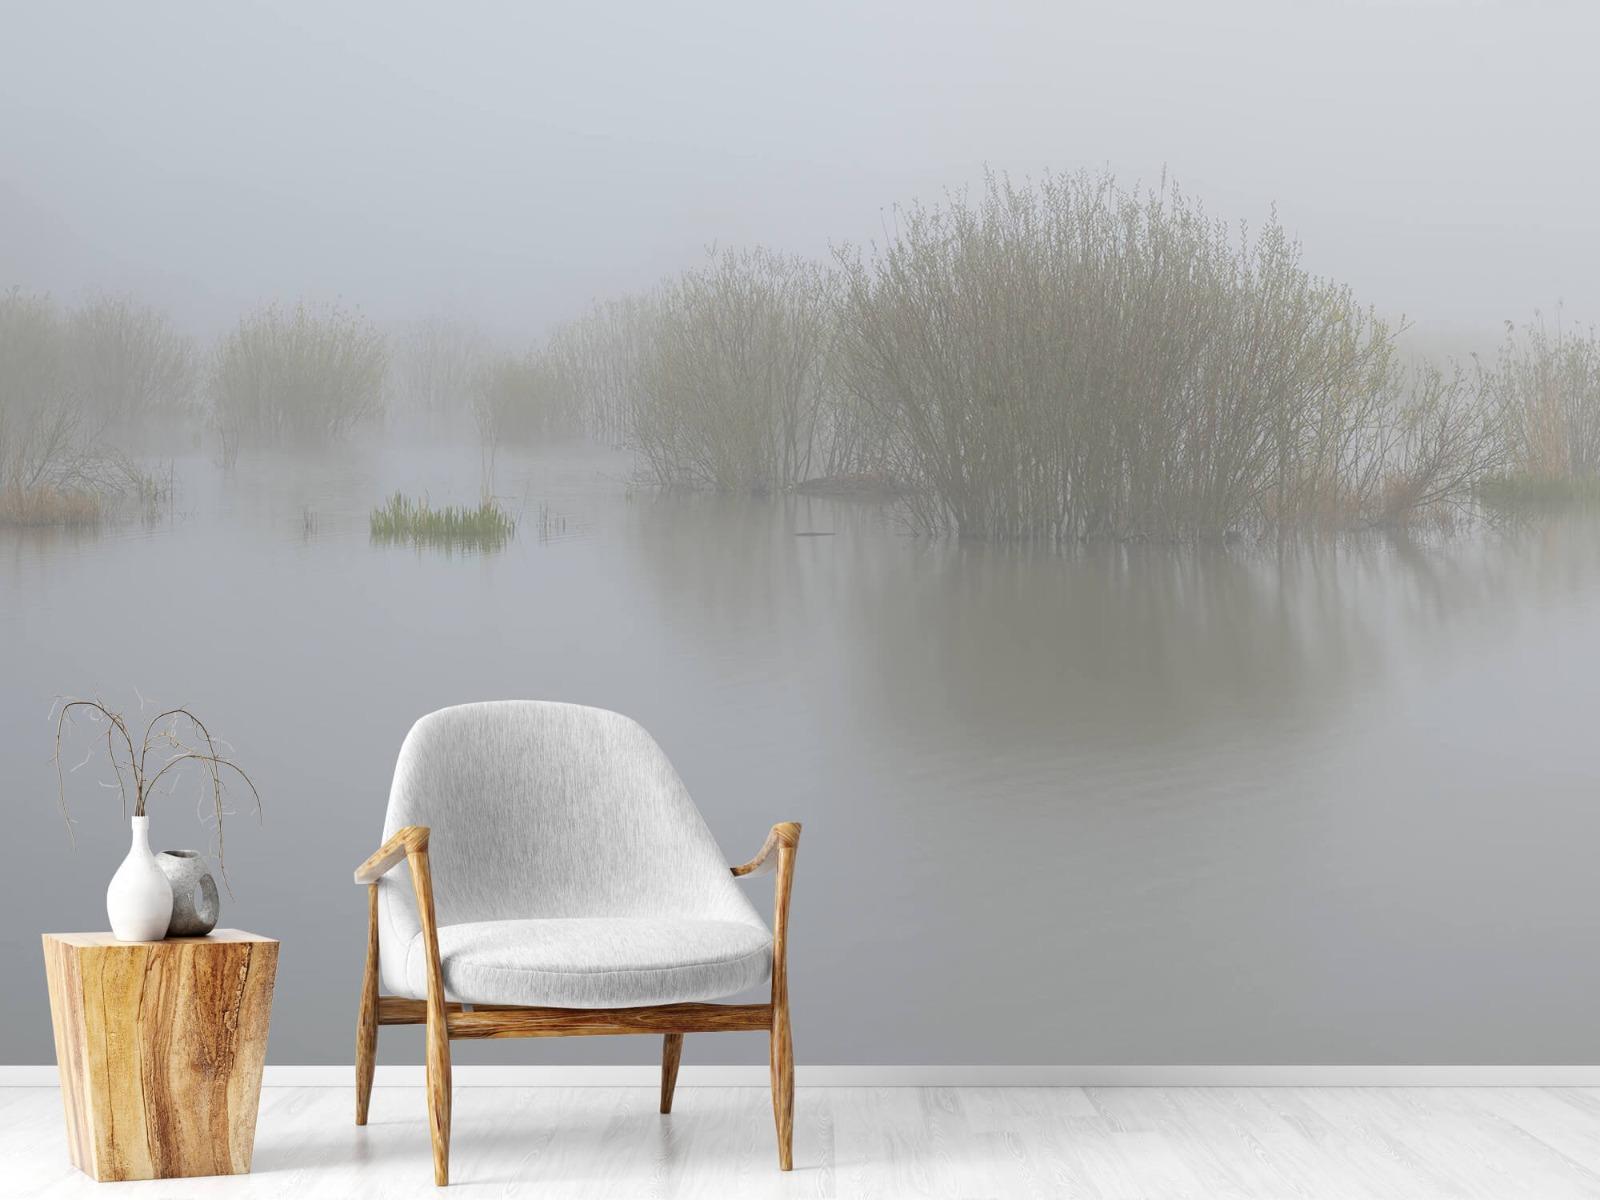 Landschap - Mist in natuurgebied - Slaapkamer 1